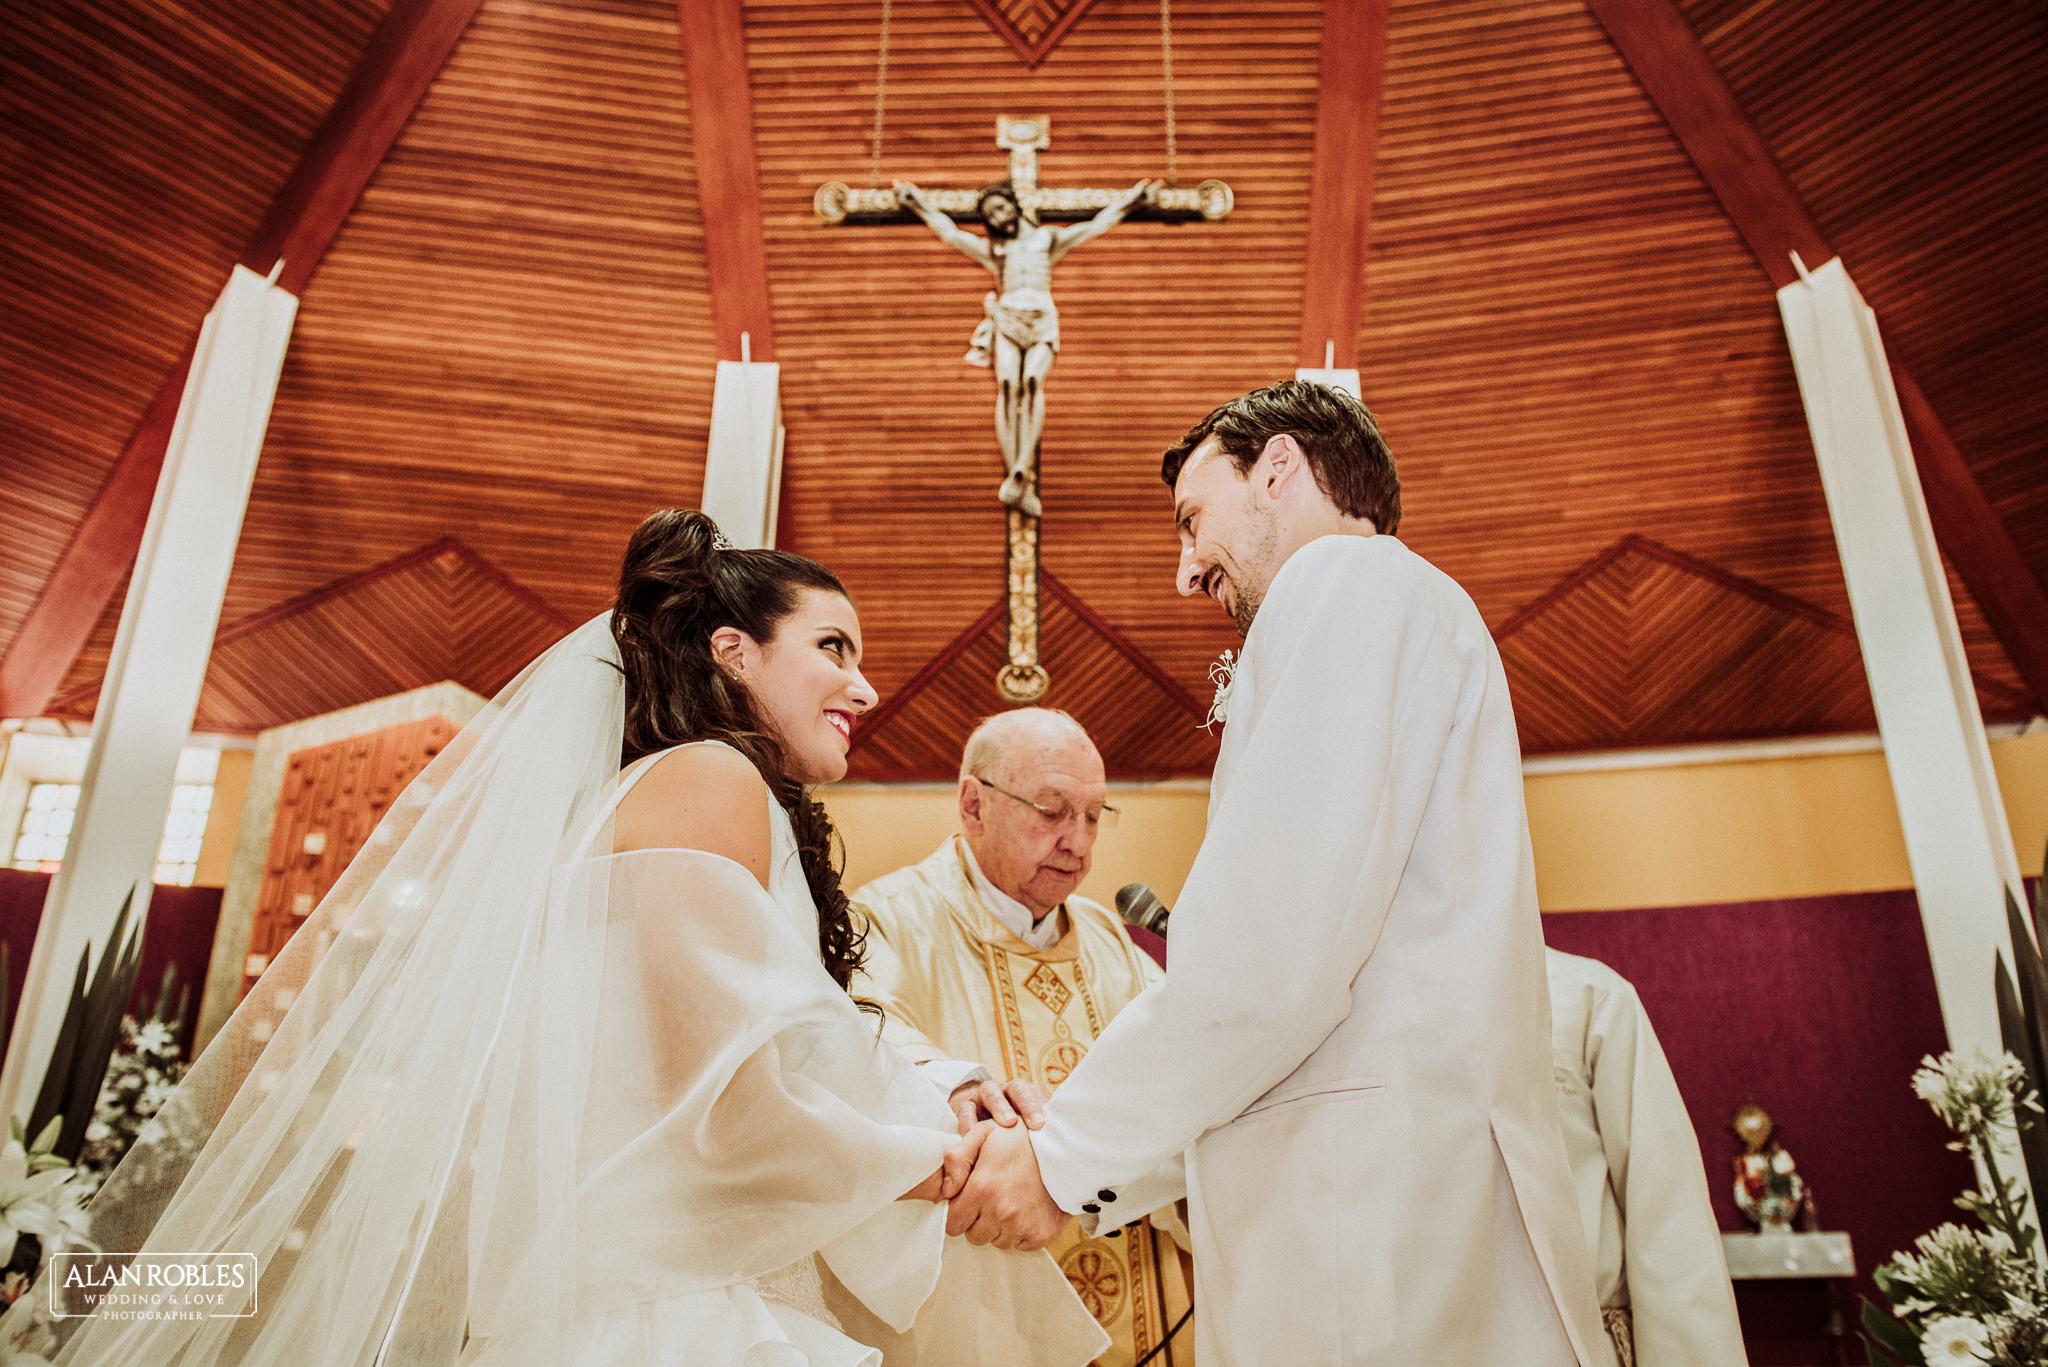 Novios en el altar casandose, Wedding Day. Nuestra señora de las bugambilias en Guadalajara. Fotografo de bodas Alan Robles Wedding & Love Photographer.